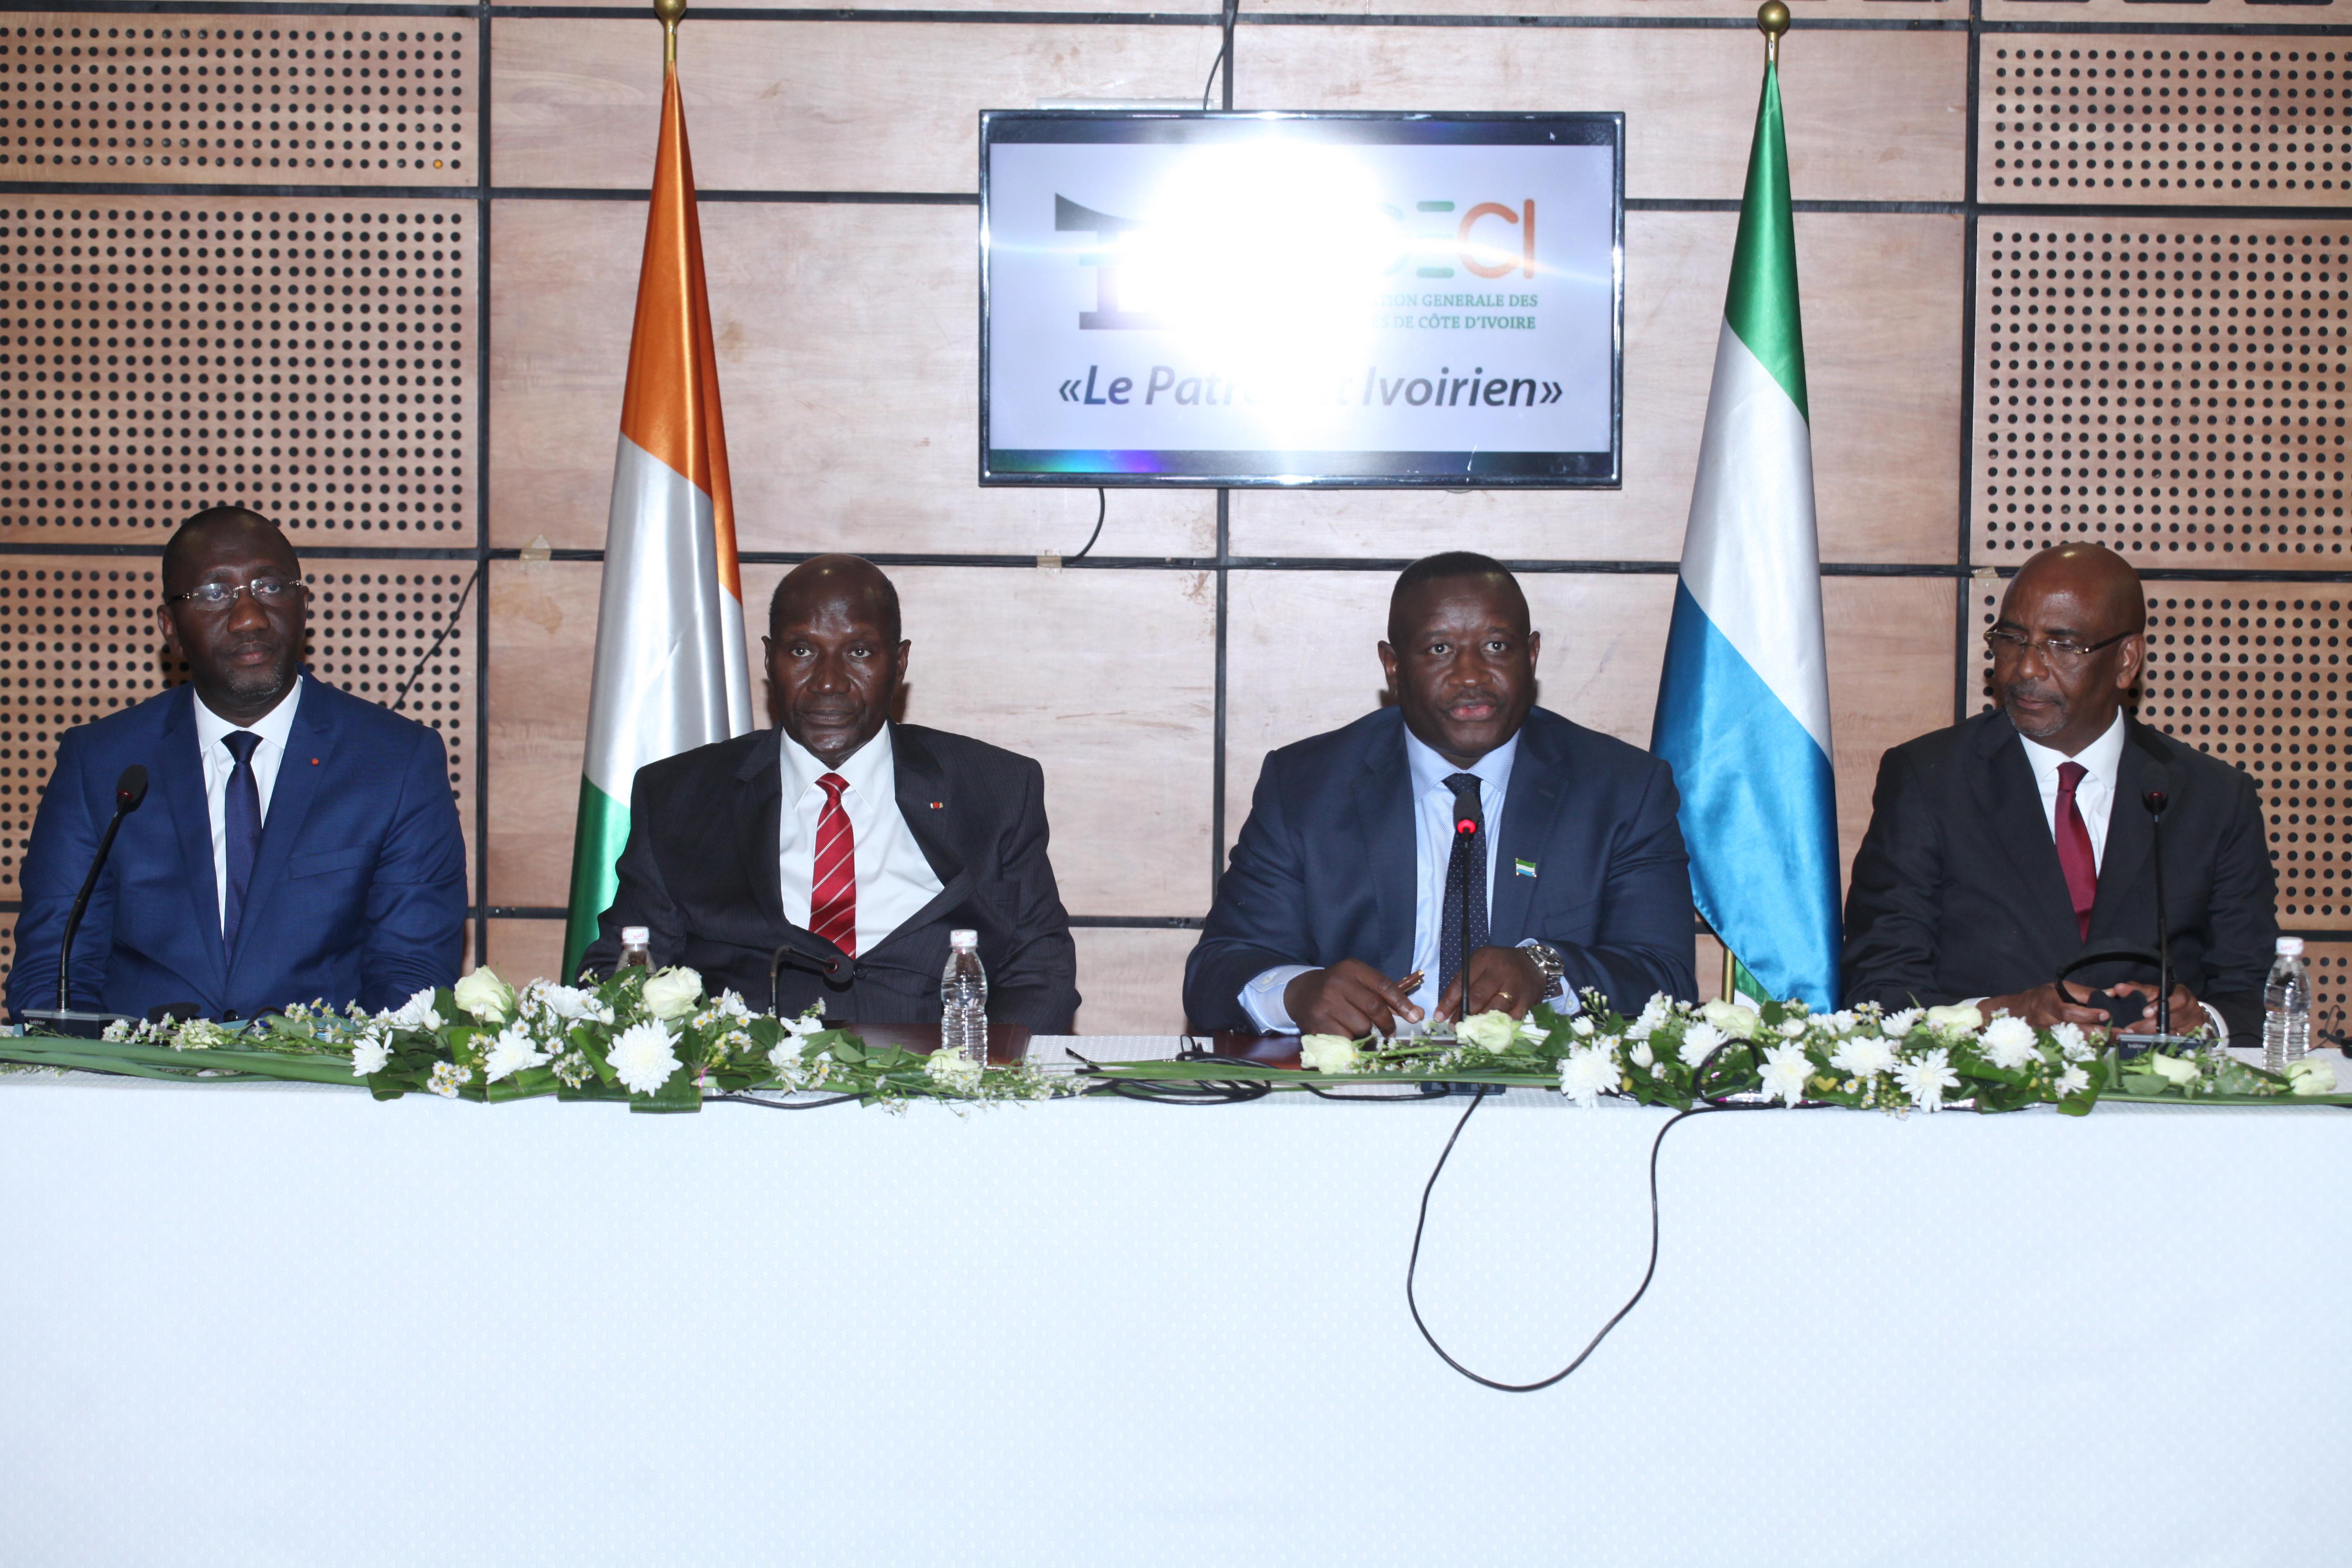 Coopération sud-sud :Le Chef de l'Etat sierra-léonais s'imprègne  de la dynamique de fonctionnement du Secteur privé ivoirien